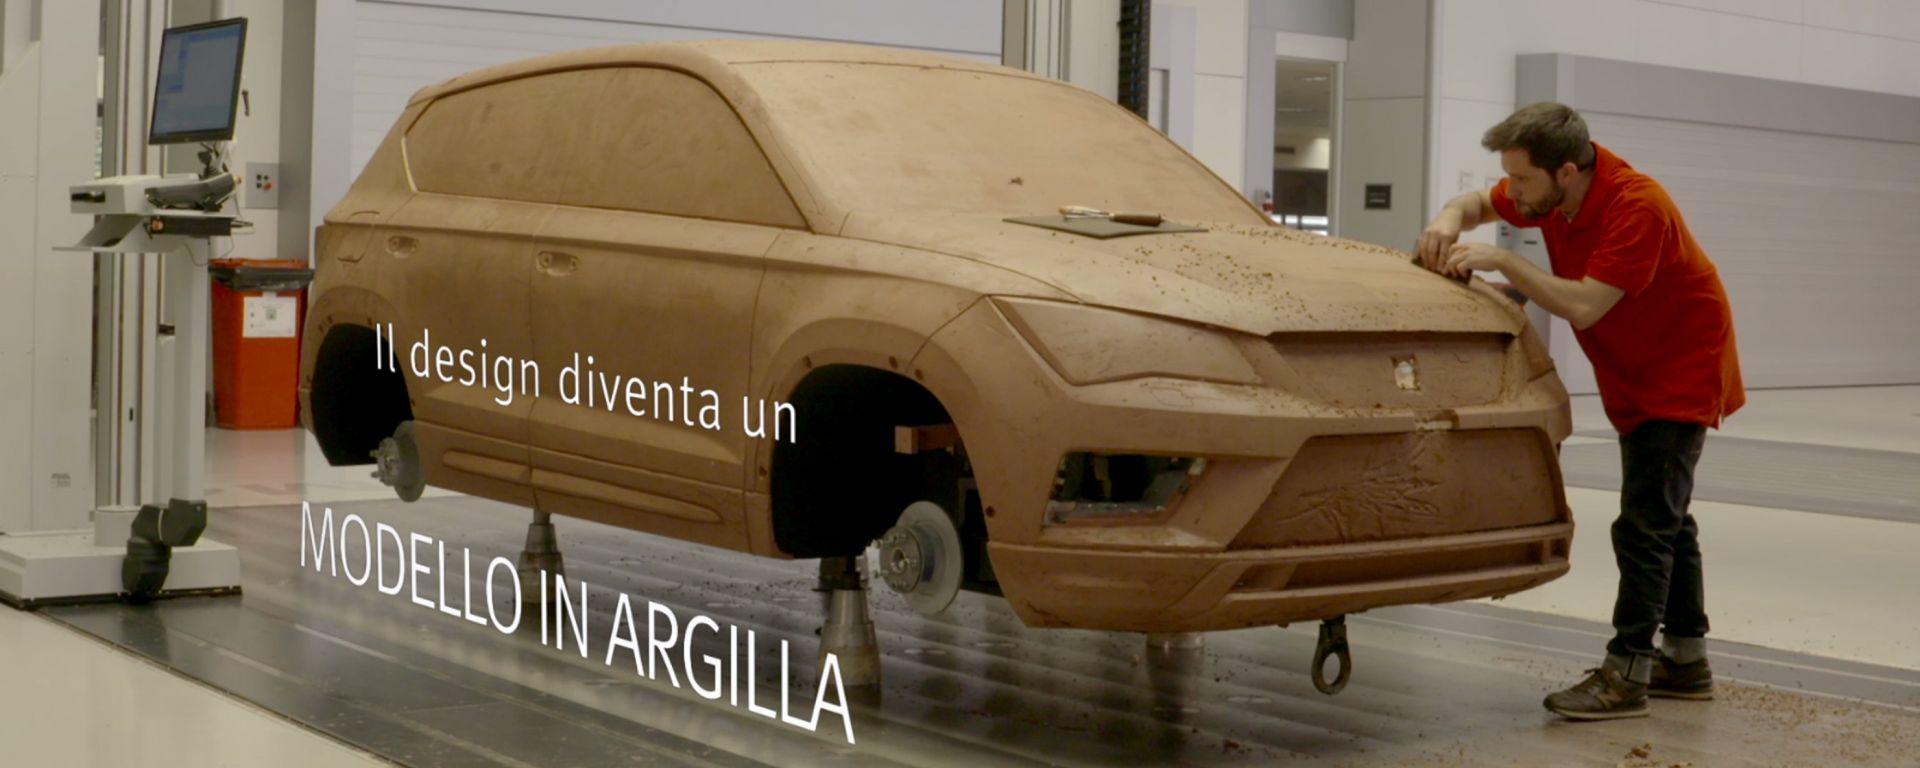 Seat Ateca: per il modello in argilla vengono utilizzate circa 5 tonnellate di materiale